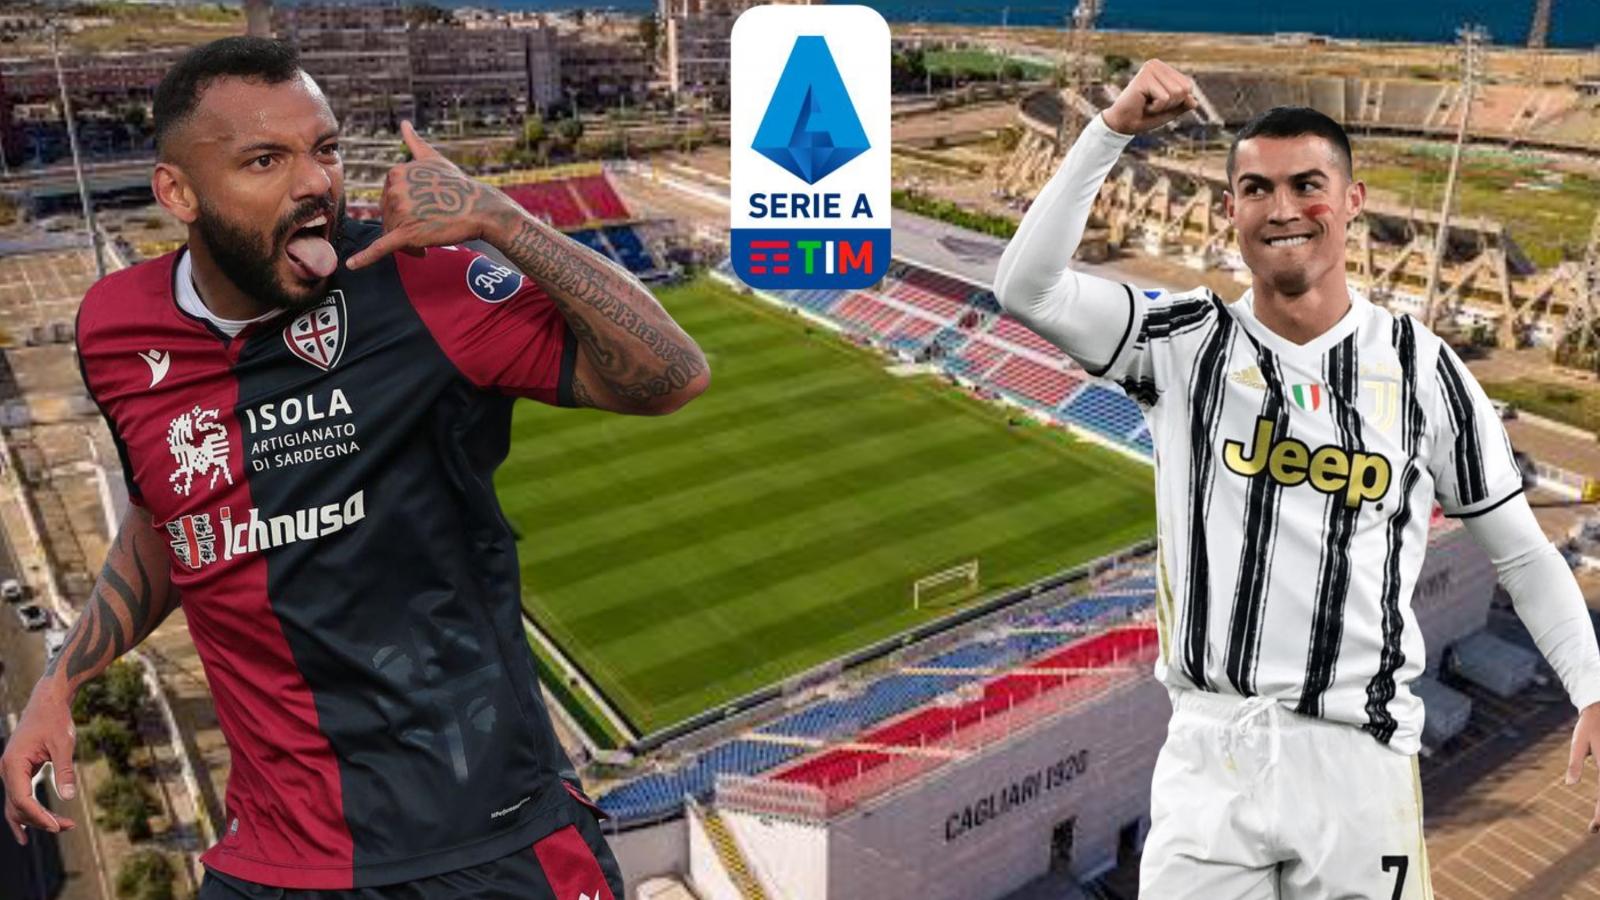 Dự đoán kết quả, đội hình xuất phát trận Cagliari - Juventus